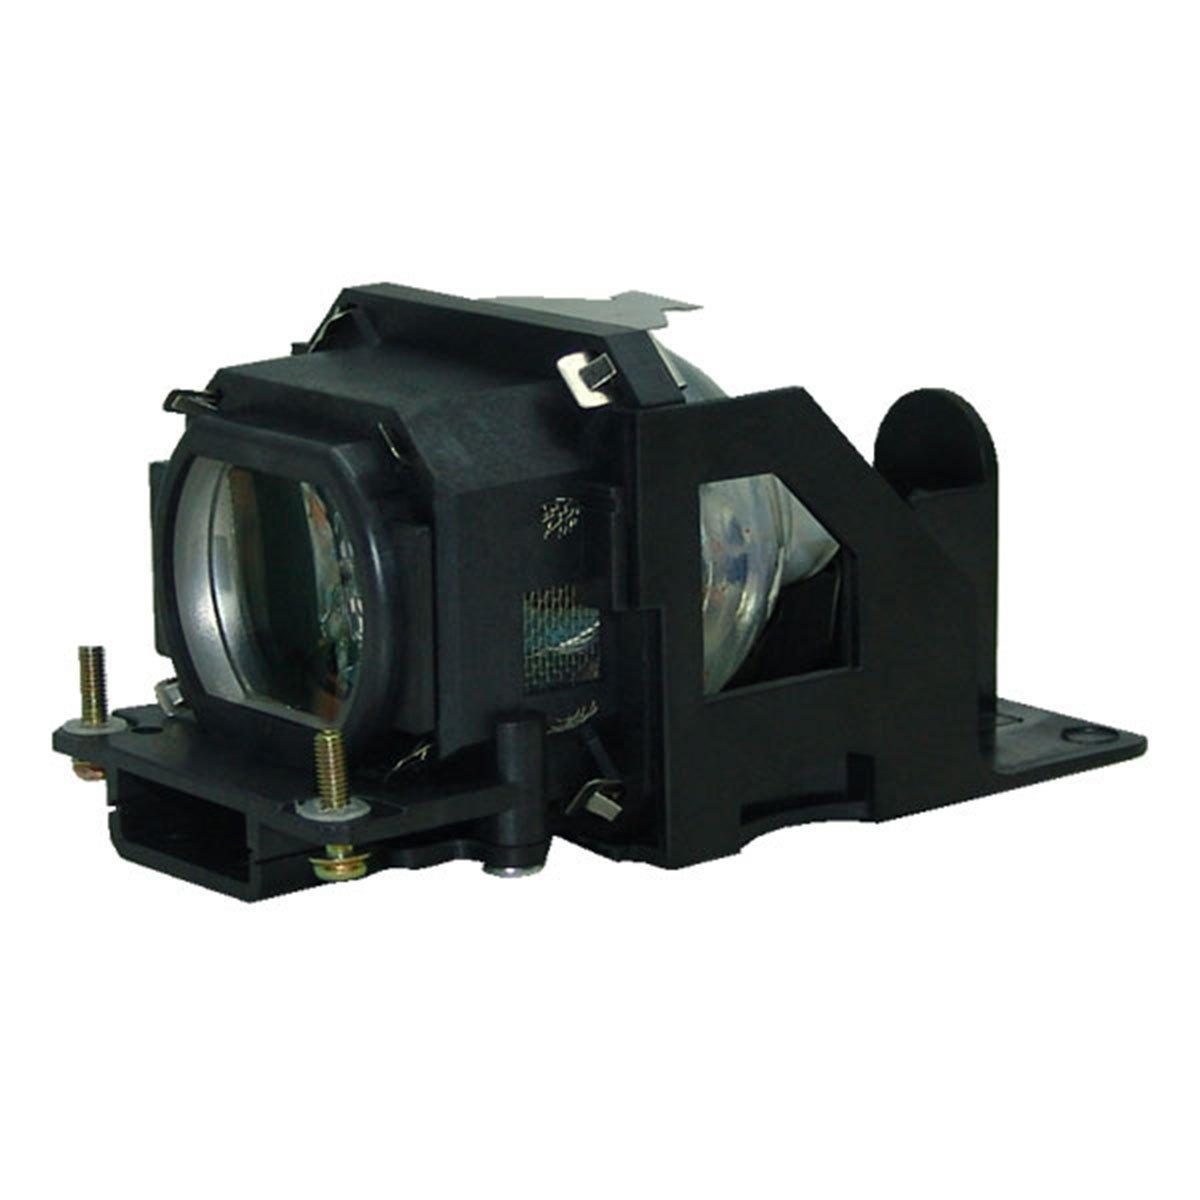 Aurabeam economia Panasonic pt-lb51e lampada di ricambio per proiettore con alloggiamento